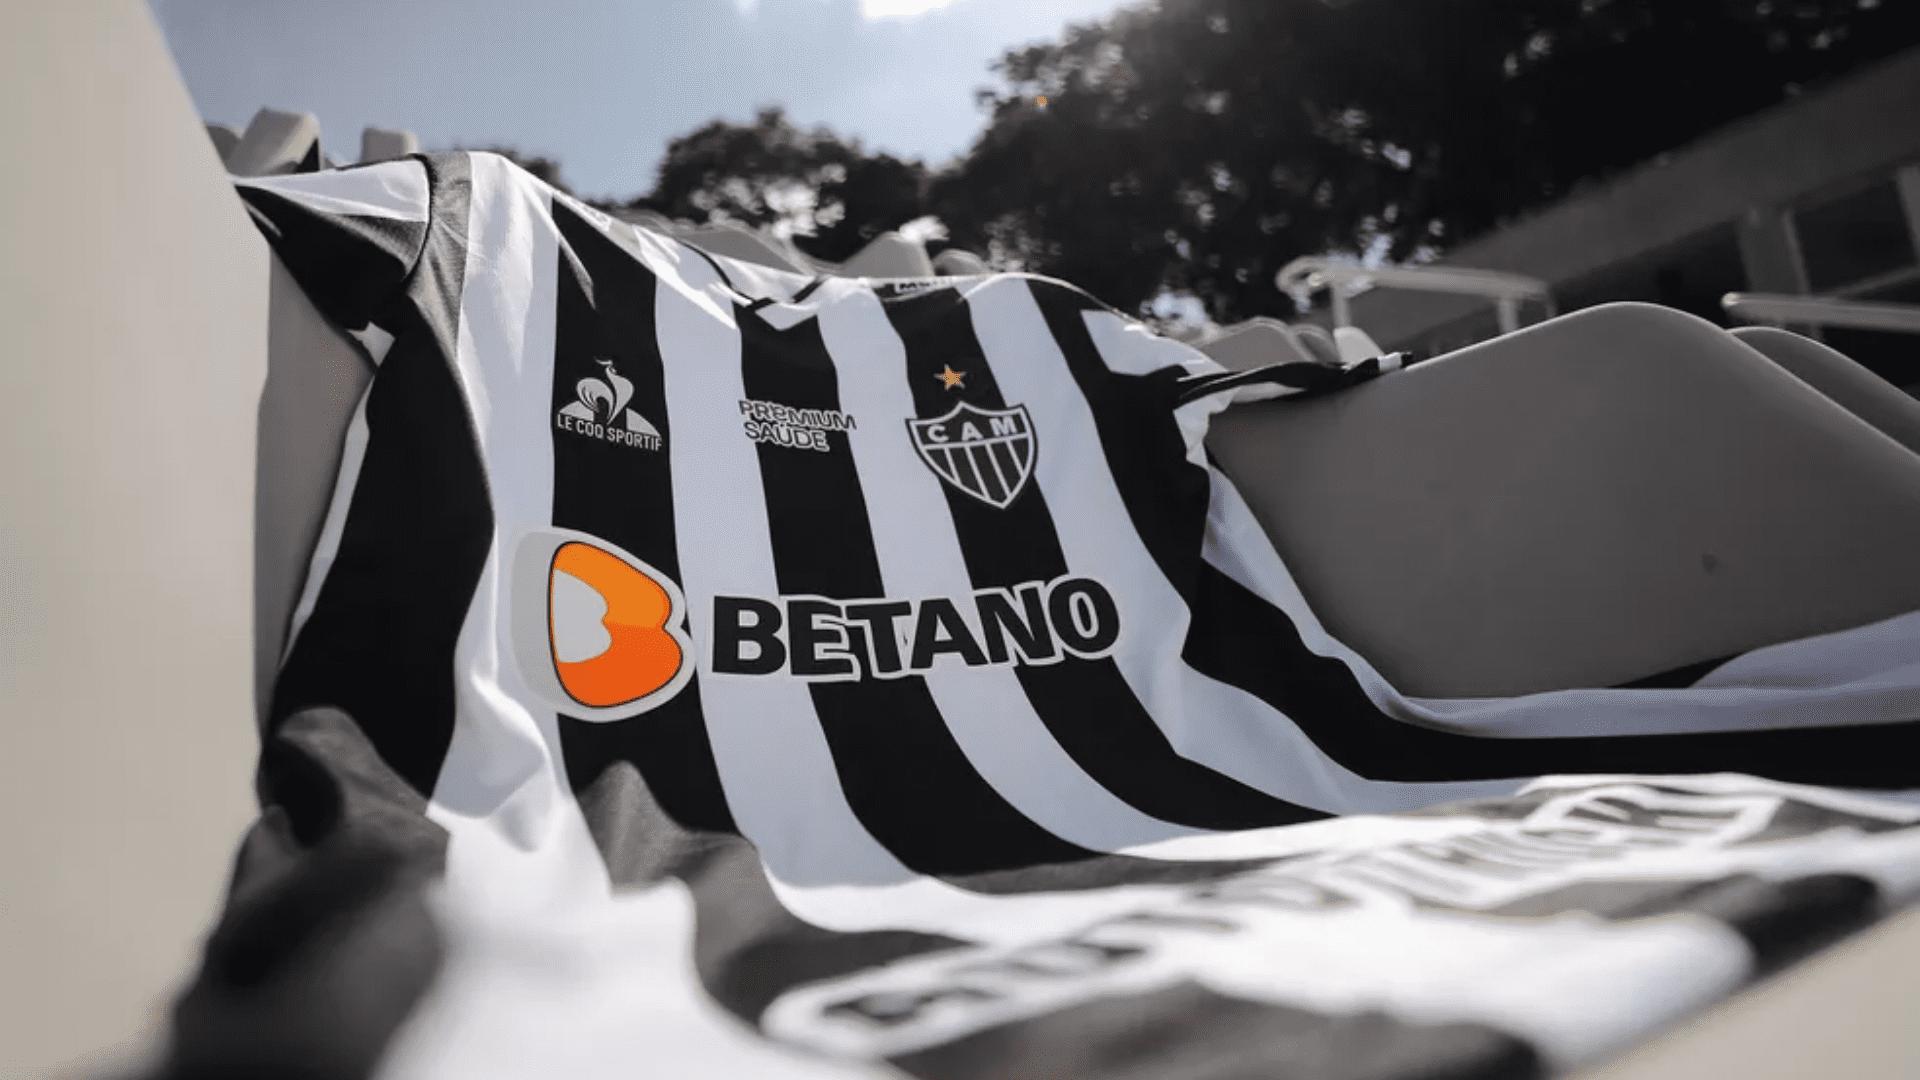 Conheça os modelos de camisa do Galo para comprar em 2021! (Imagem: Divulgação/Le Coq Sportf)